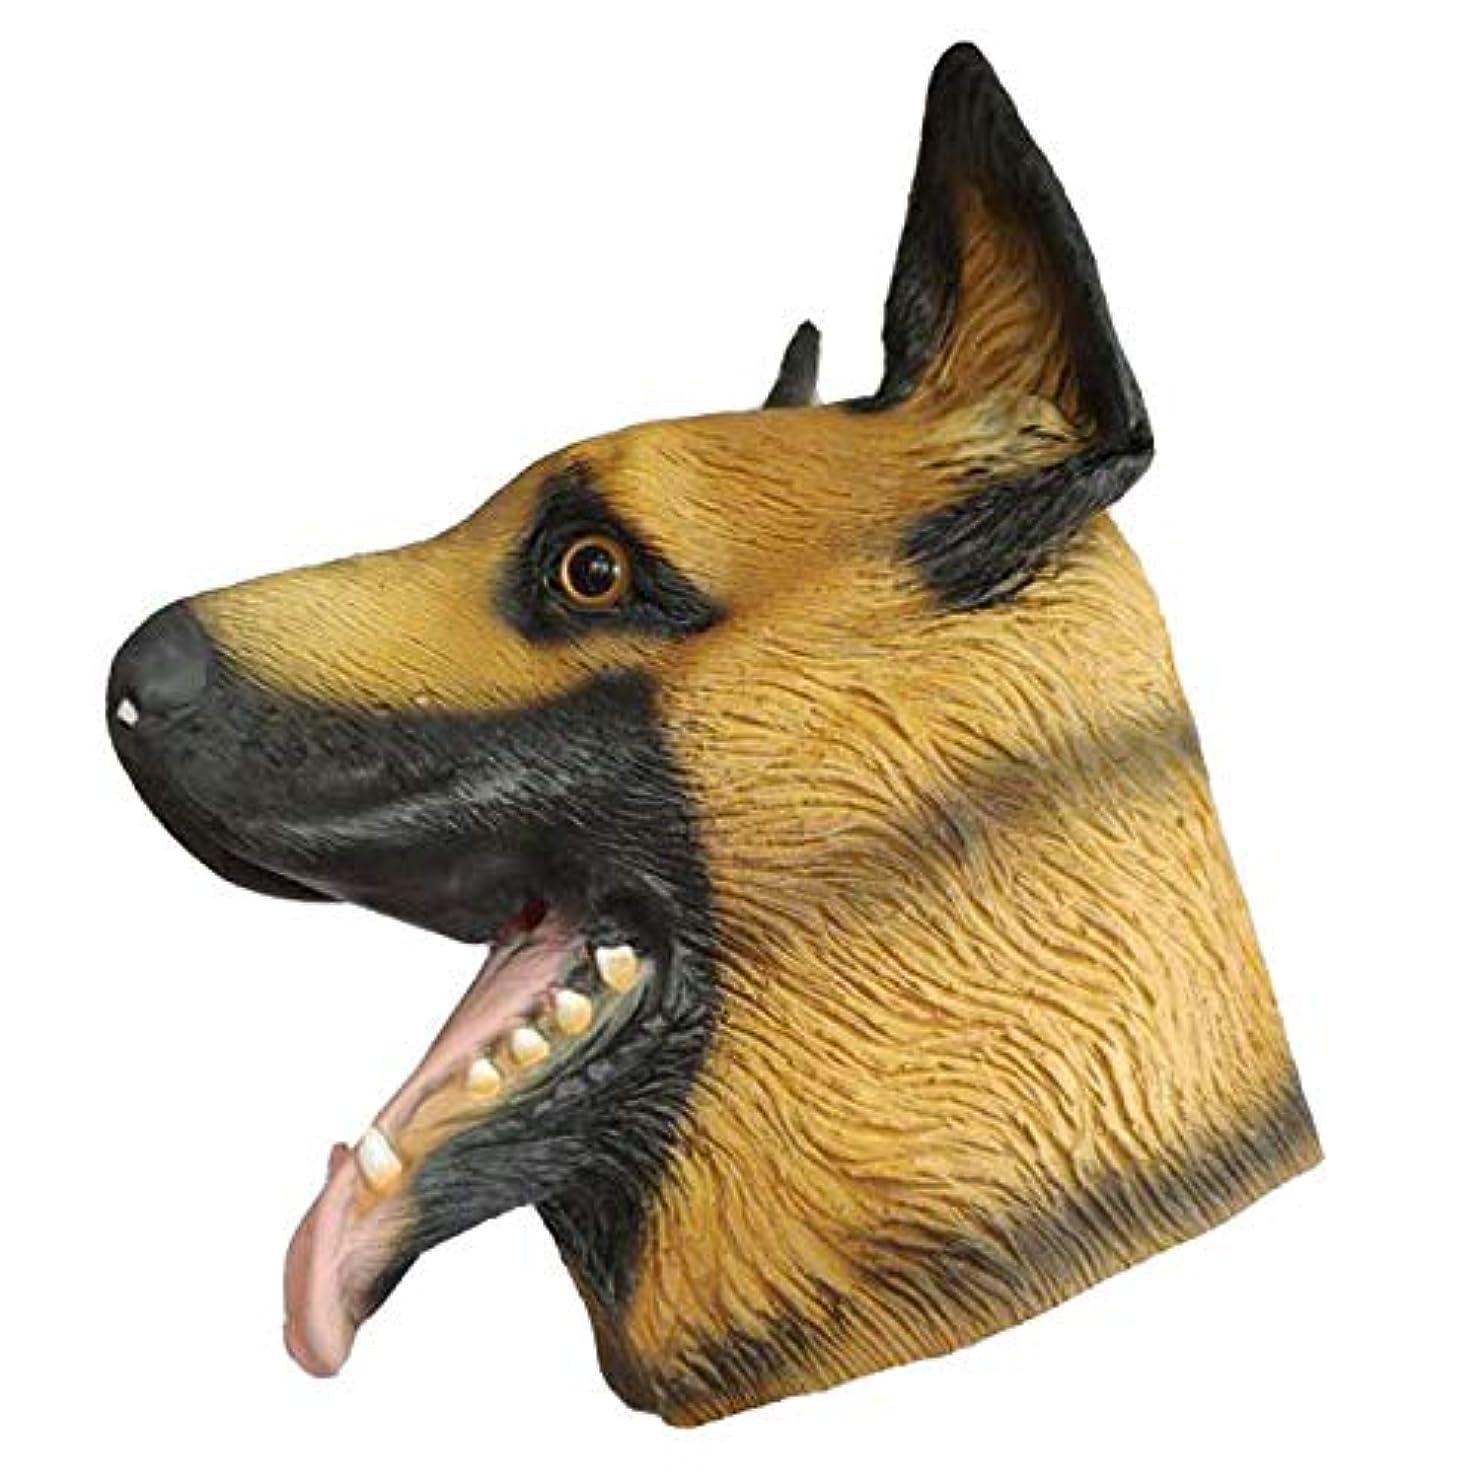 植物学学部長描写おかしいオオカミ犬の頭マスク動物の帽子ギア警察犬犬パーティーパフォーマンス小道具カーニバルハロウィーンボールドレスアップ